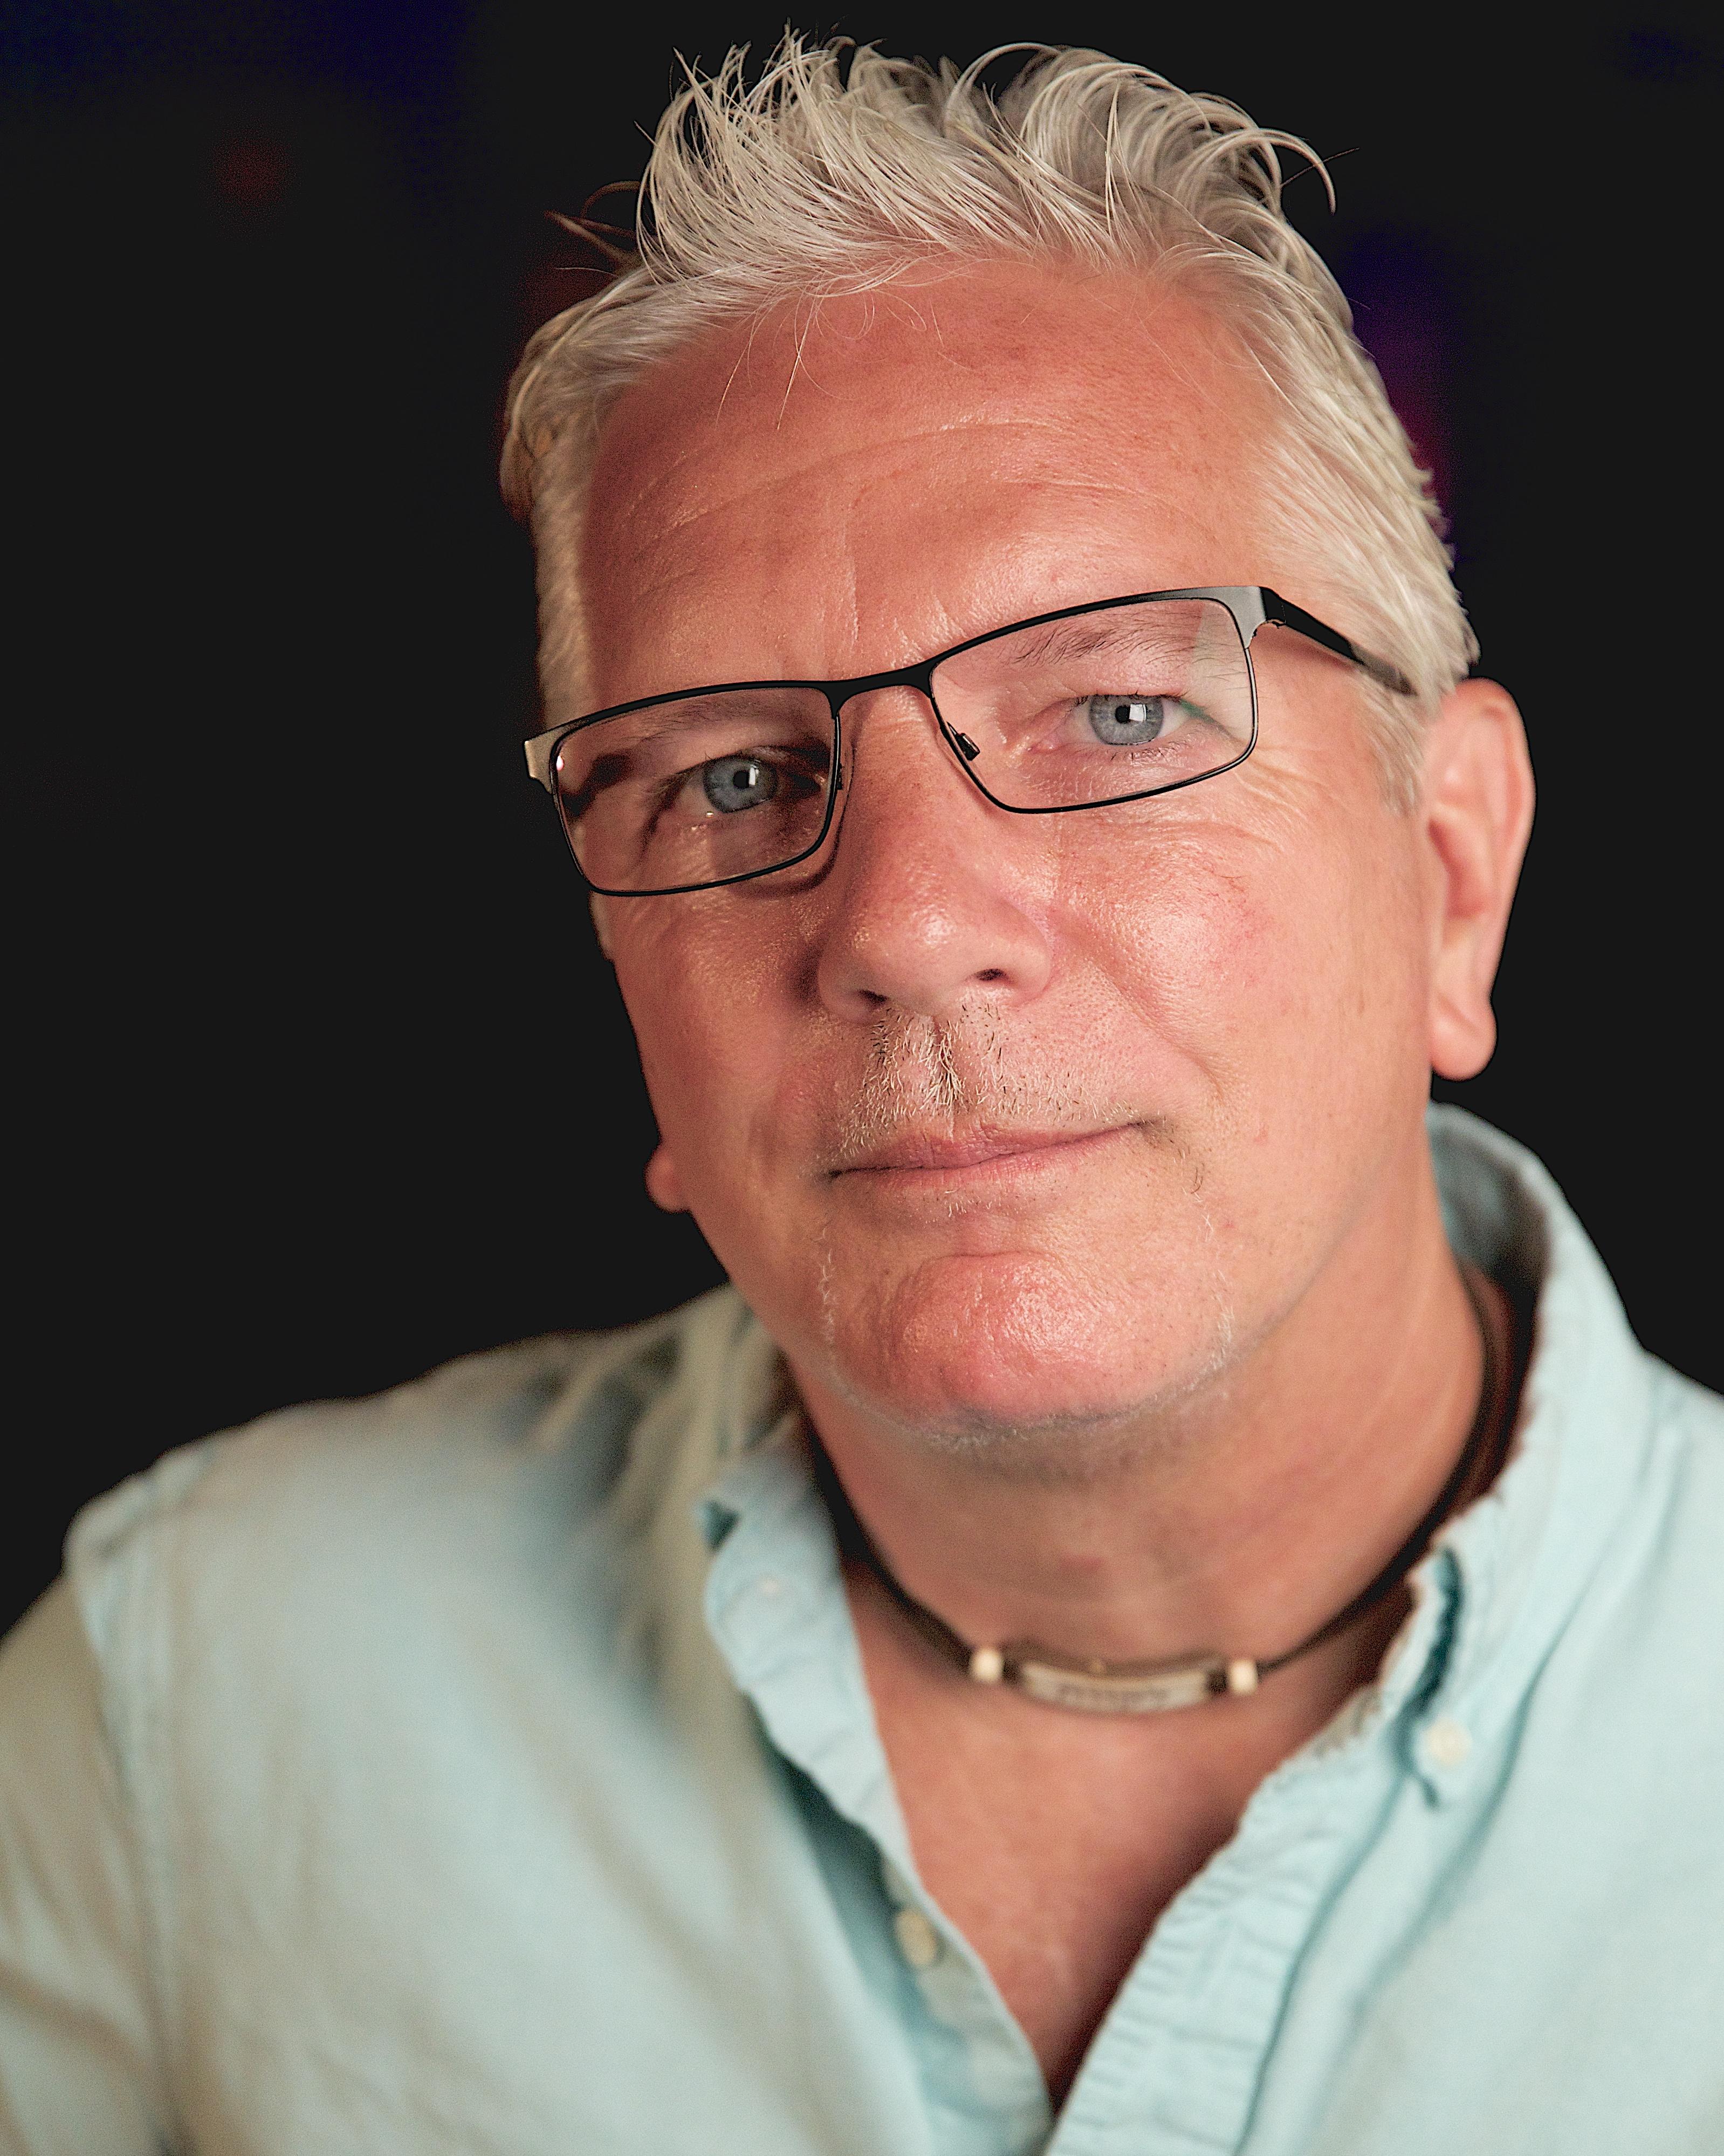 Karl Moraski